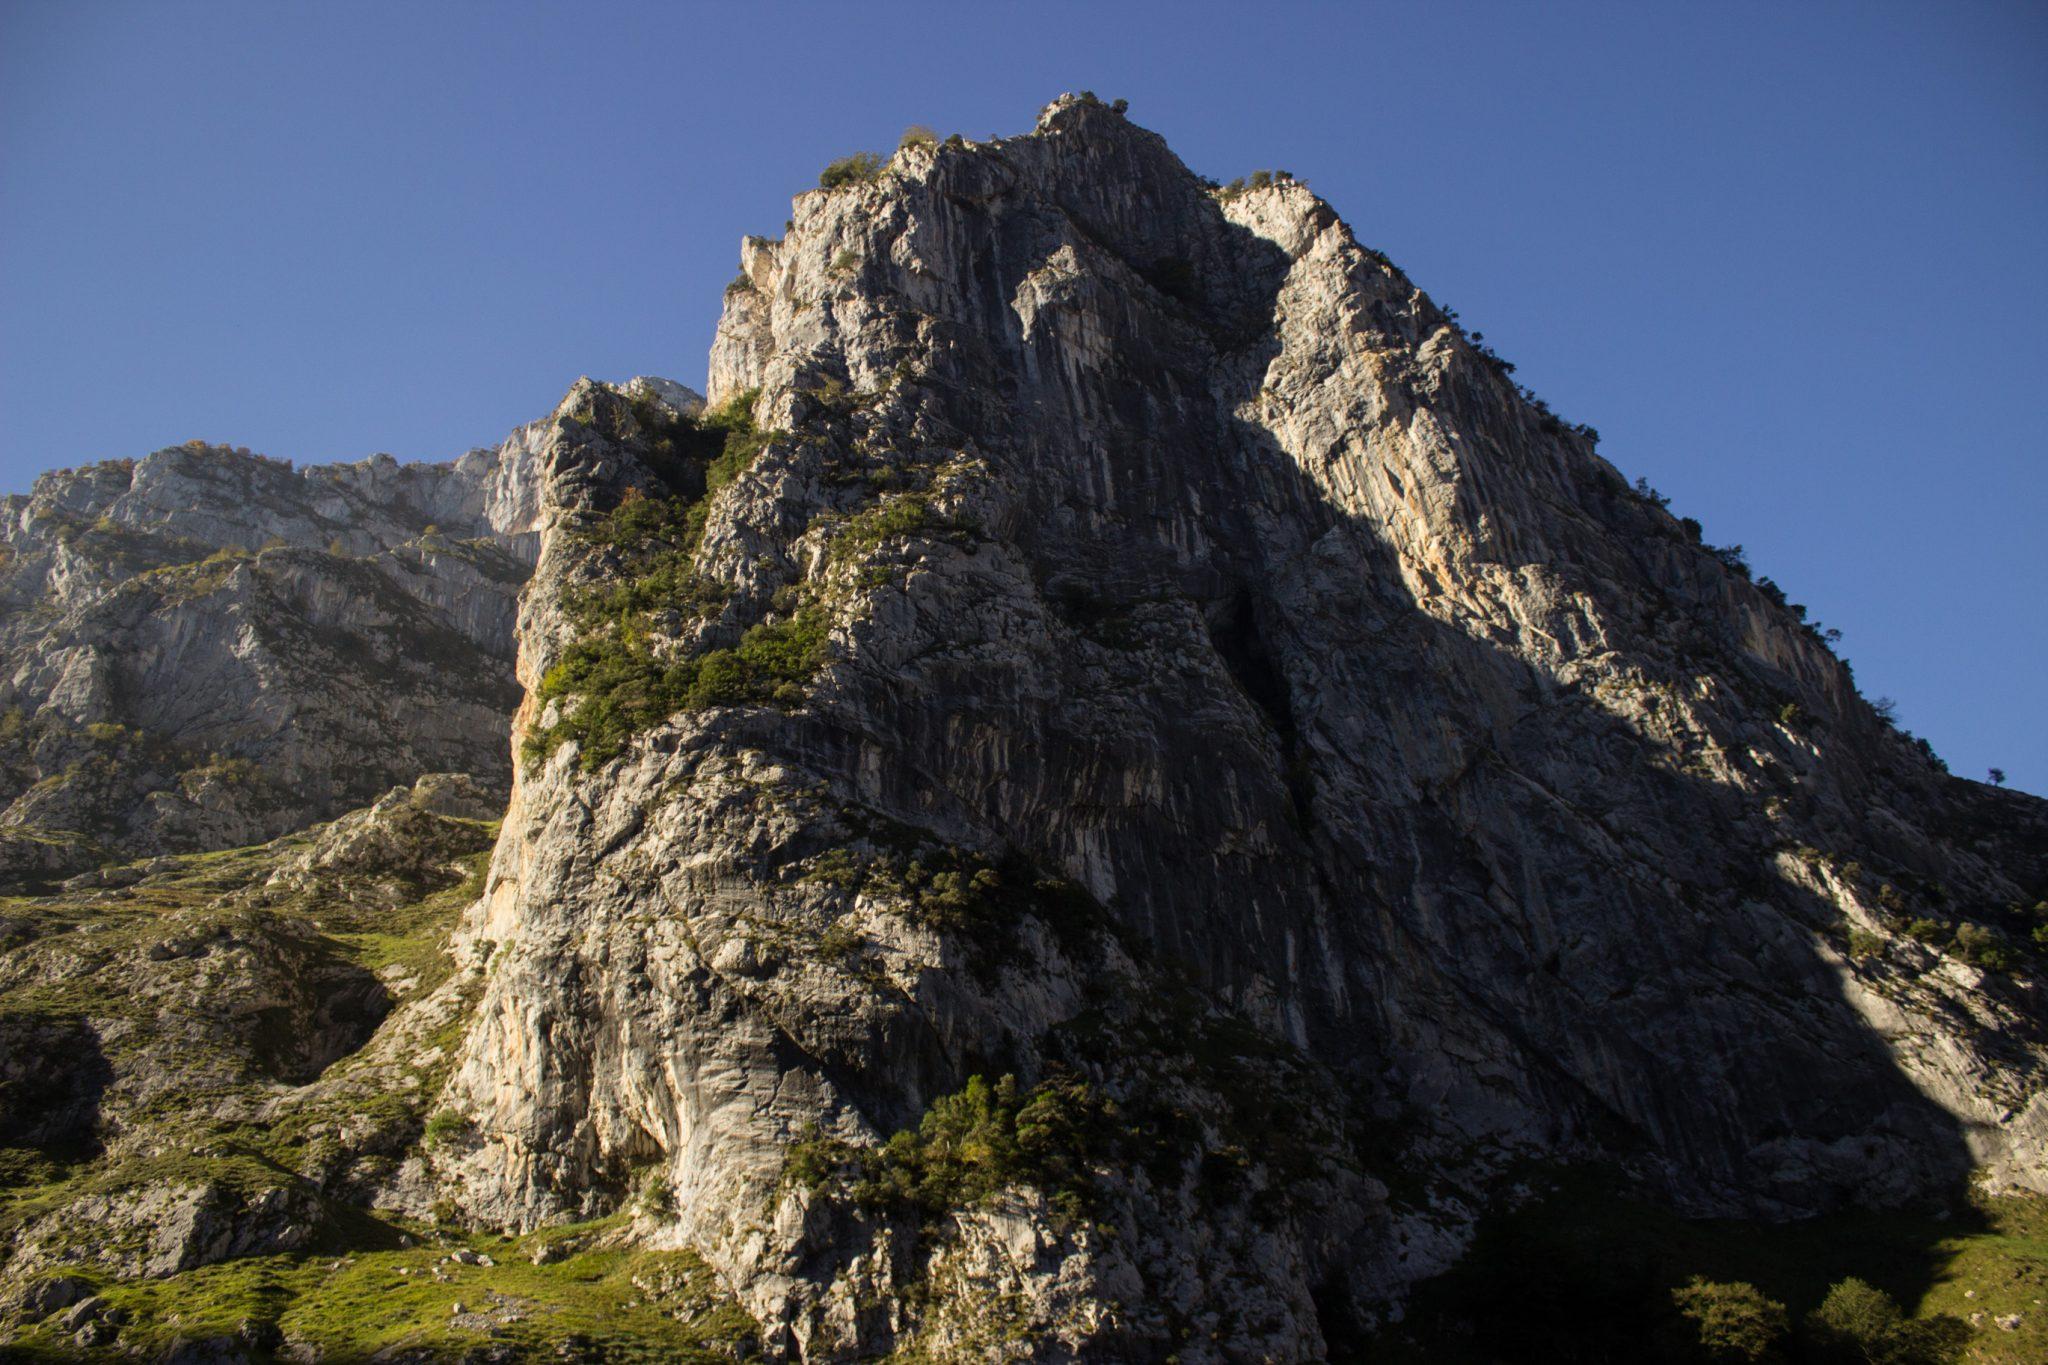 Wanderung Poncebos nach Bulnes in den Picos de Europa, schönes Herbstwetter zum Wandern mit Sonnenschein, Felswände